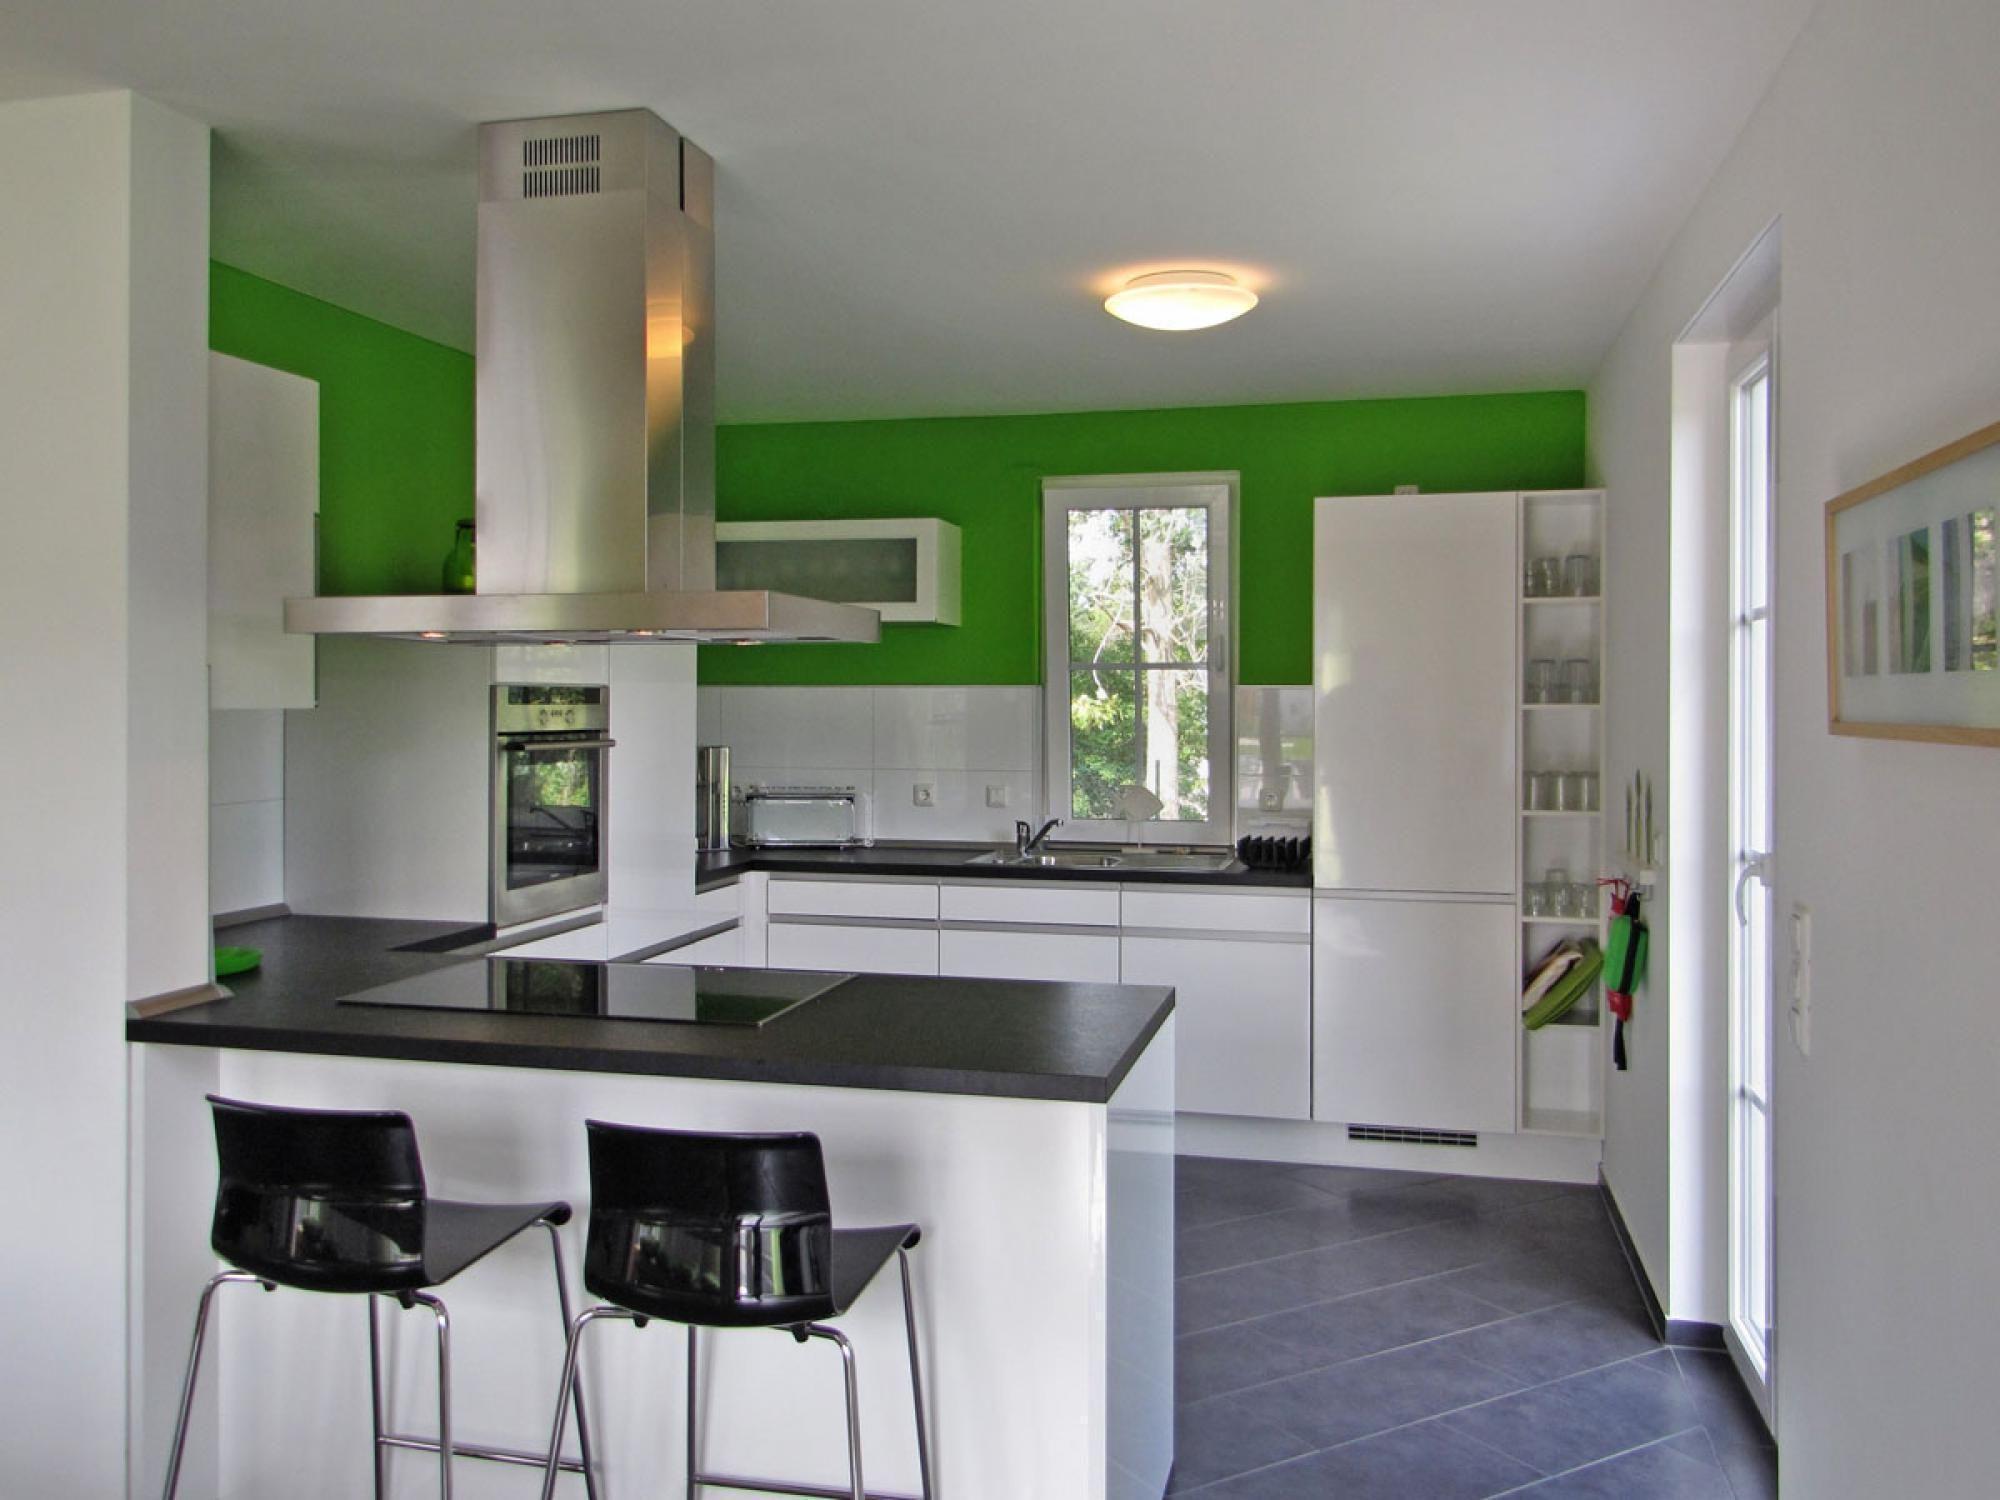 Kuchen Design Insel Moderne Kuche Mit Insel 27 Genial Modern